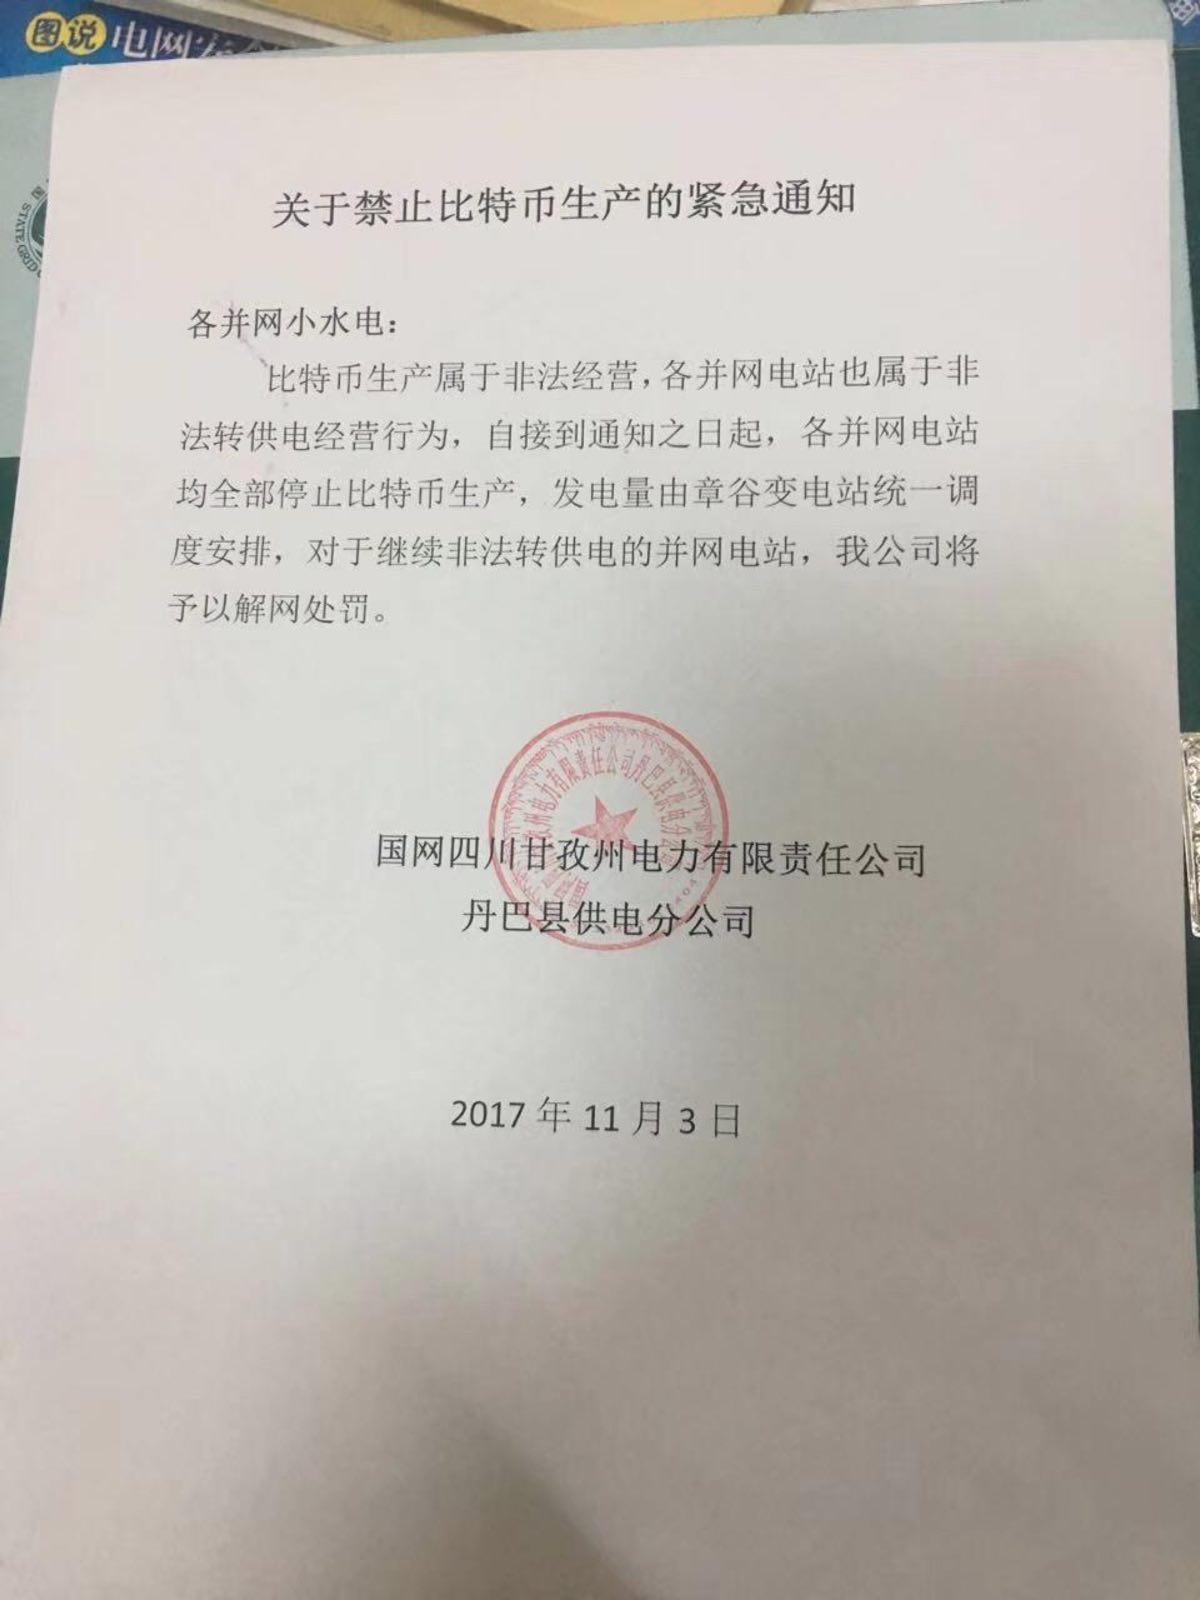 比特币生产被禁?监管人士:没有禁止挖矿的文件发布